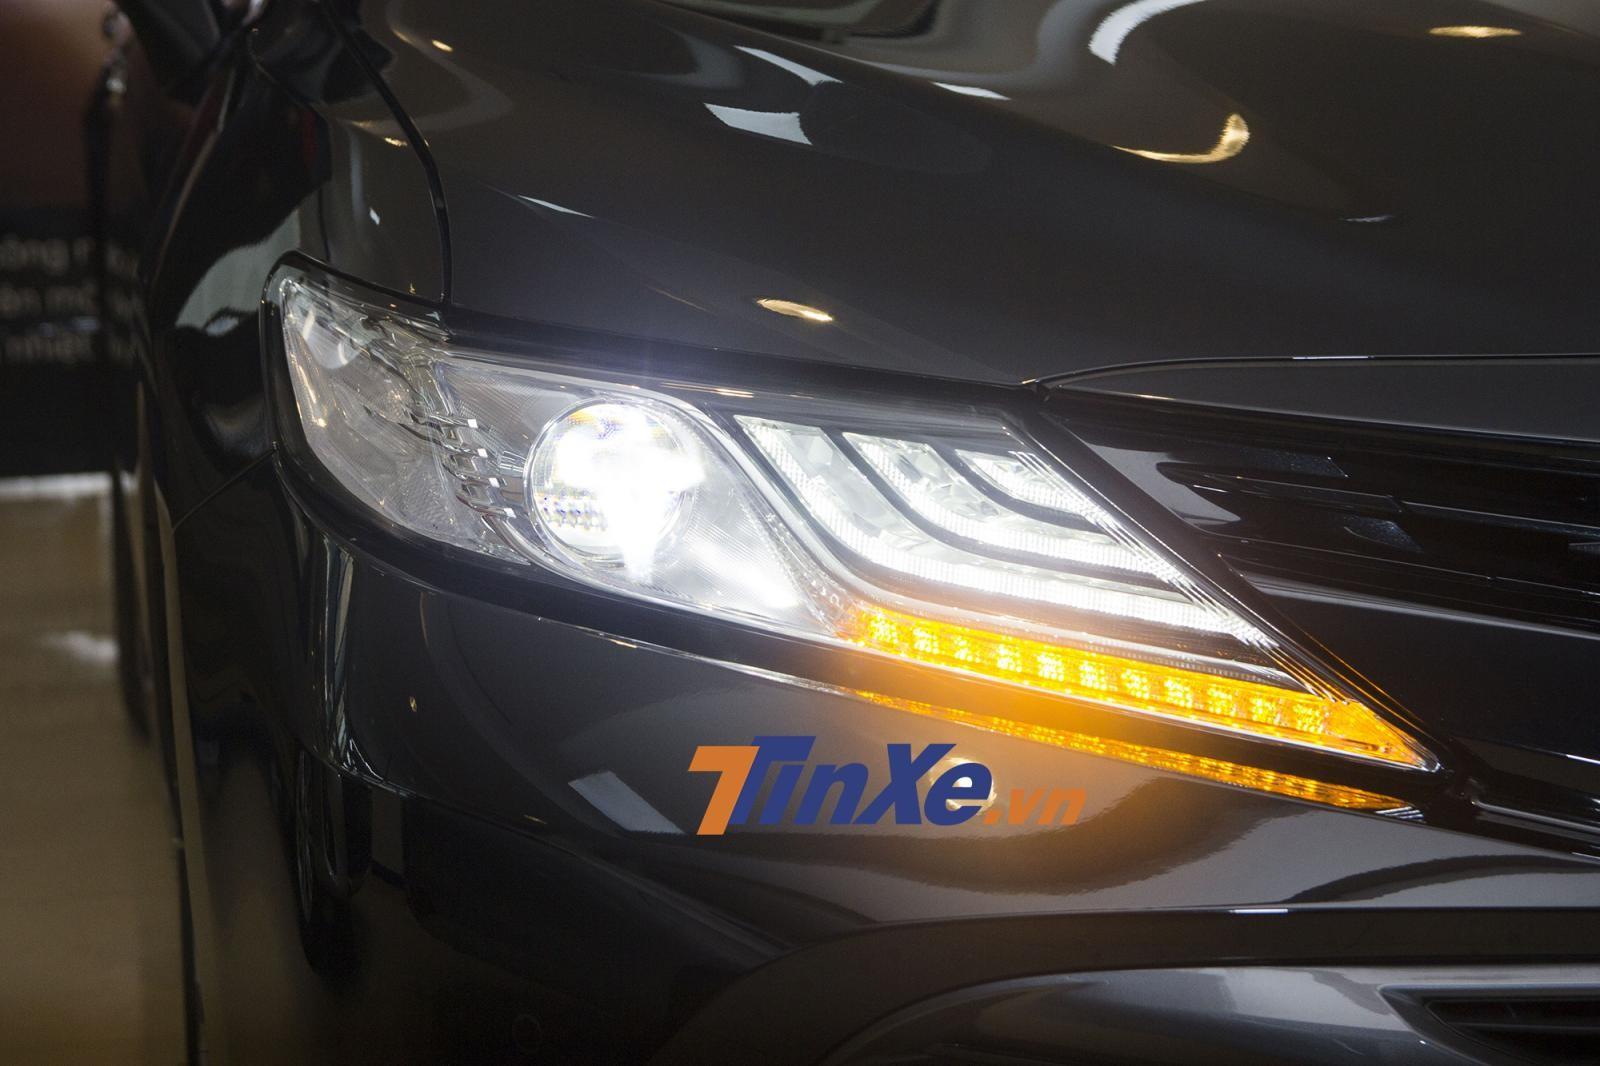 Cụm đèn pha chính của Toyota Camry 2019 có sự đổi mới về thiết kế với trang bị hoàn toàn full LED, đèn LED định vị ban ngày gồm nhiều dải có phong cách giống với những chiếc xe của Lexus. Ở phiên bản 2.0G, xi-nhan của xe sẽ chỉ là loại halogen thường